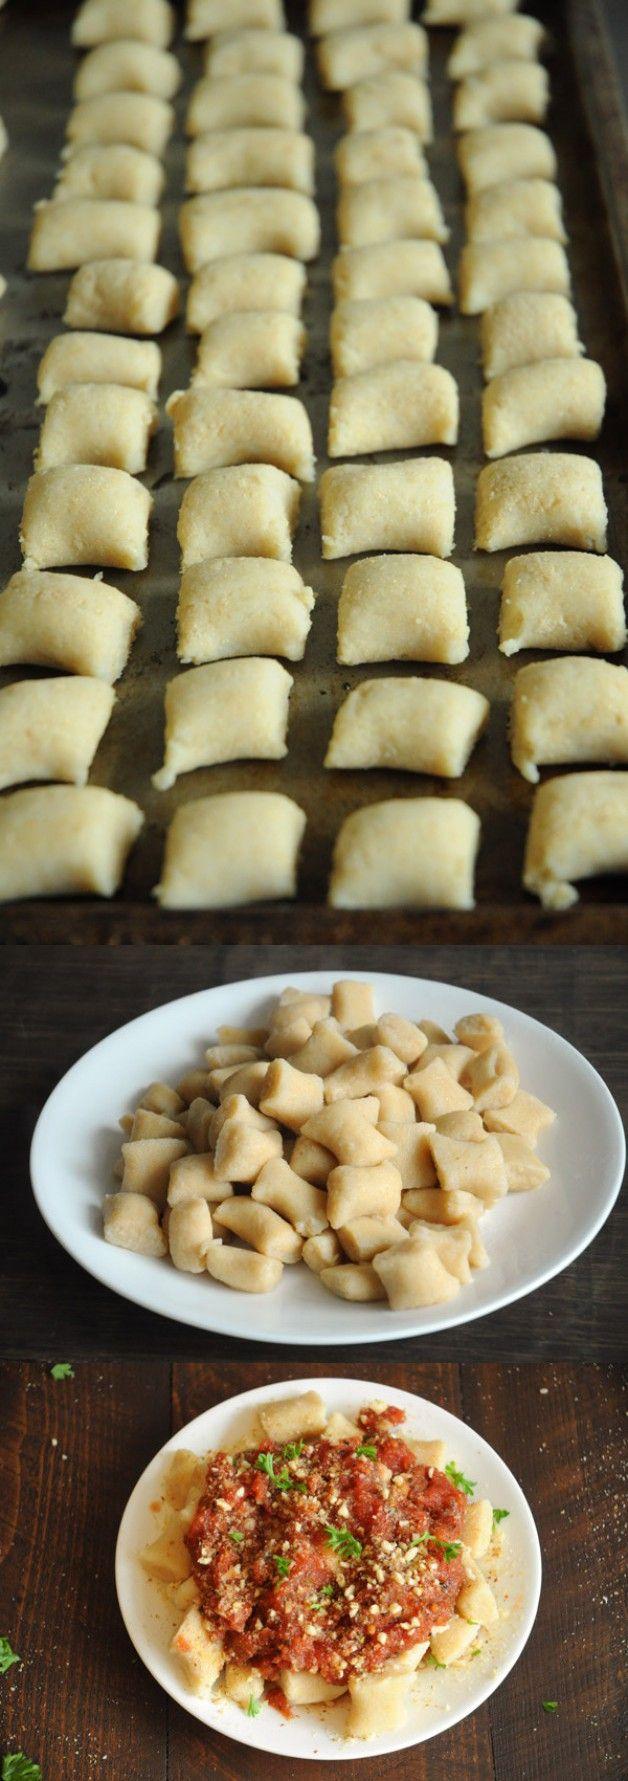 3 Ingredient Vegan Gnocchi | Vegan Recipes from Cassie Howard